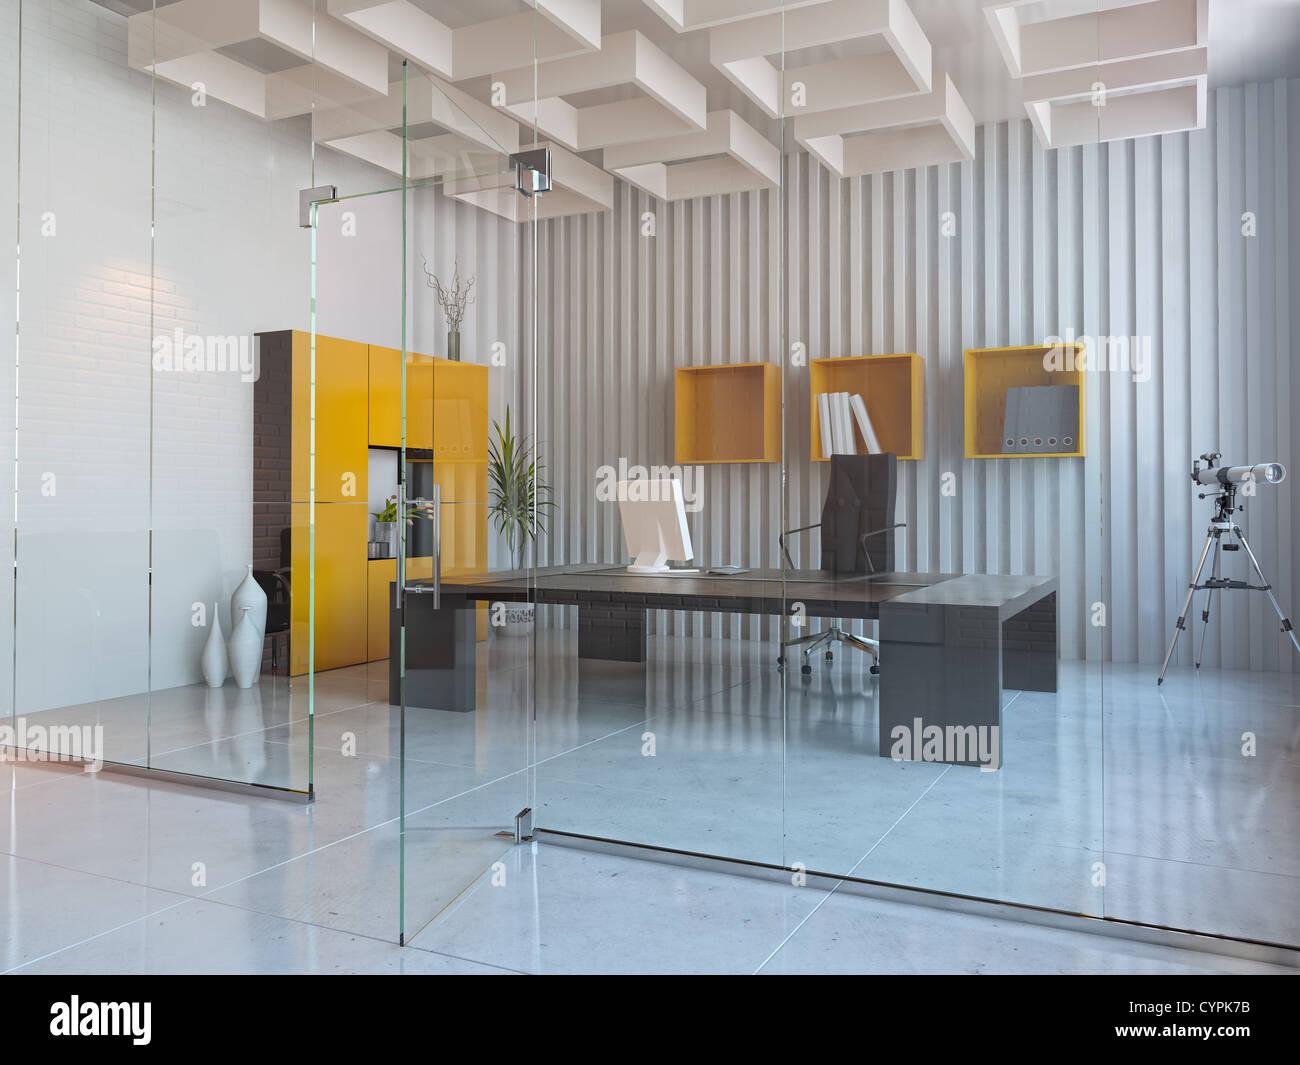 moderne Innenarchitektur Büro Raum (3D Render Stockfoto, Bild ...